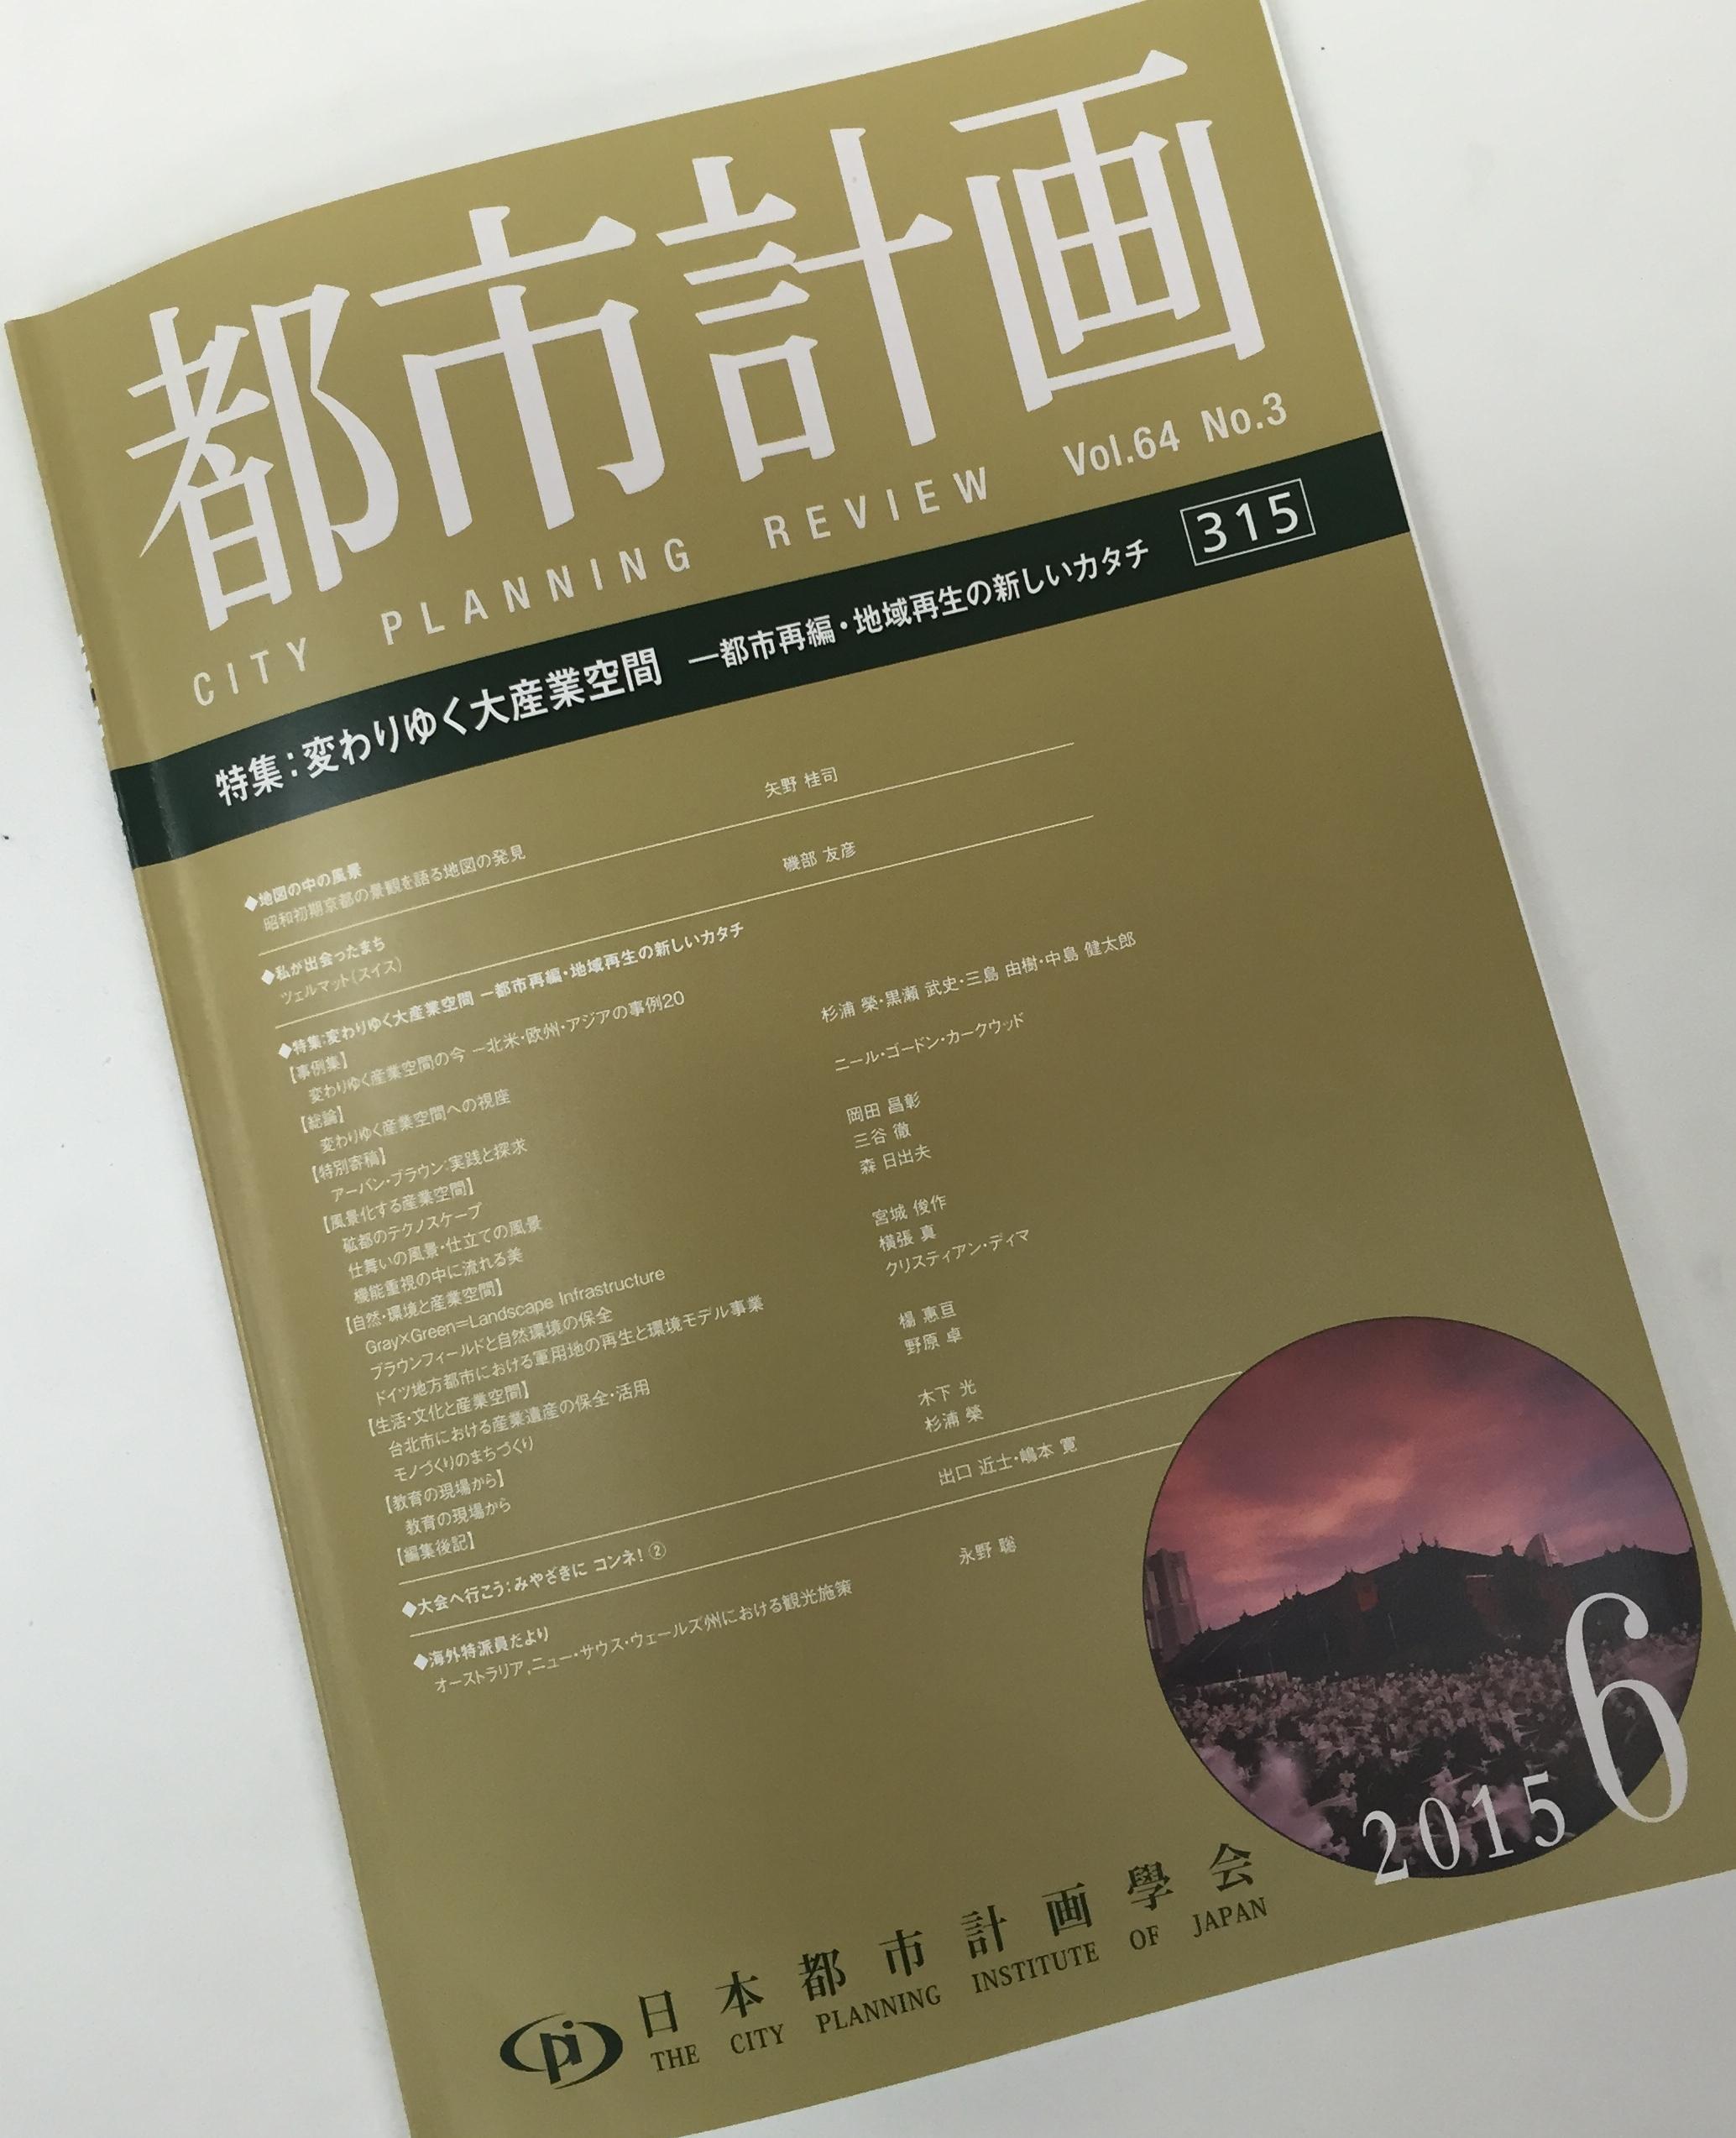 http://ud.t.u-tokyo.ac.jp/blog/_images/IMG_6110.JPG